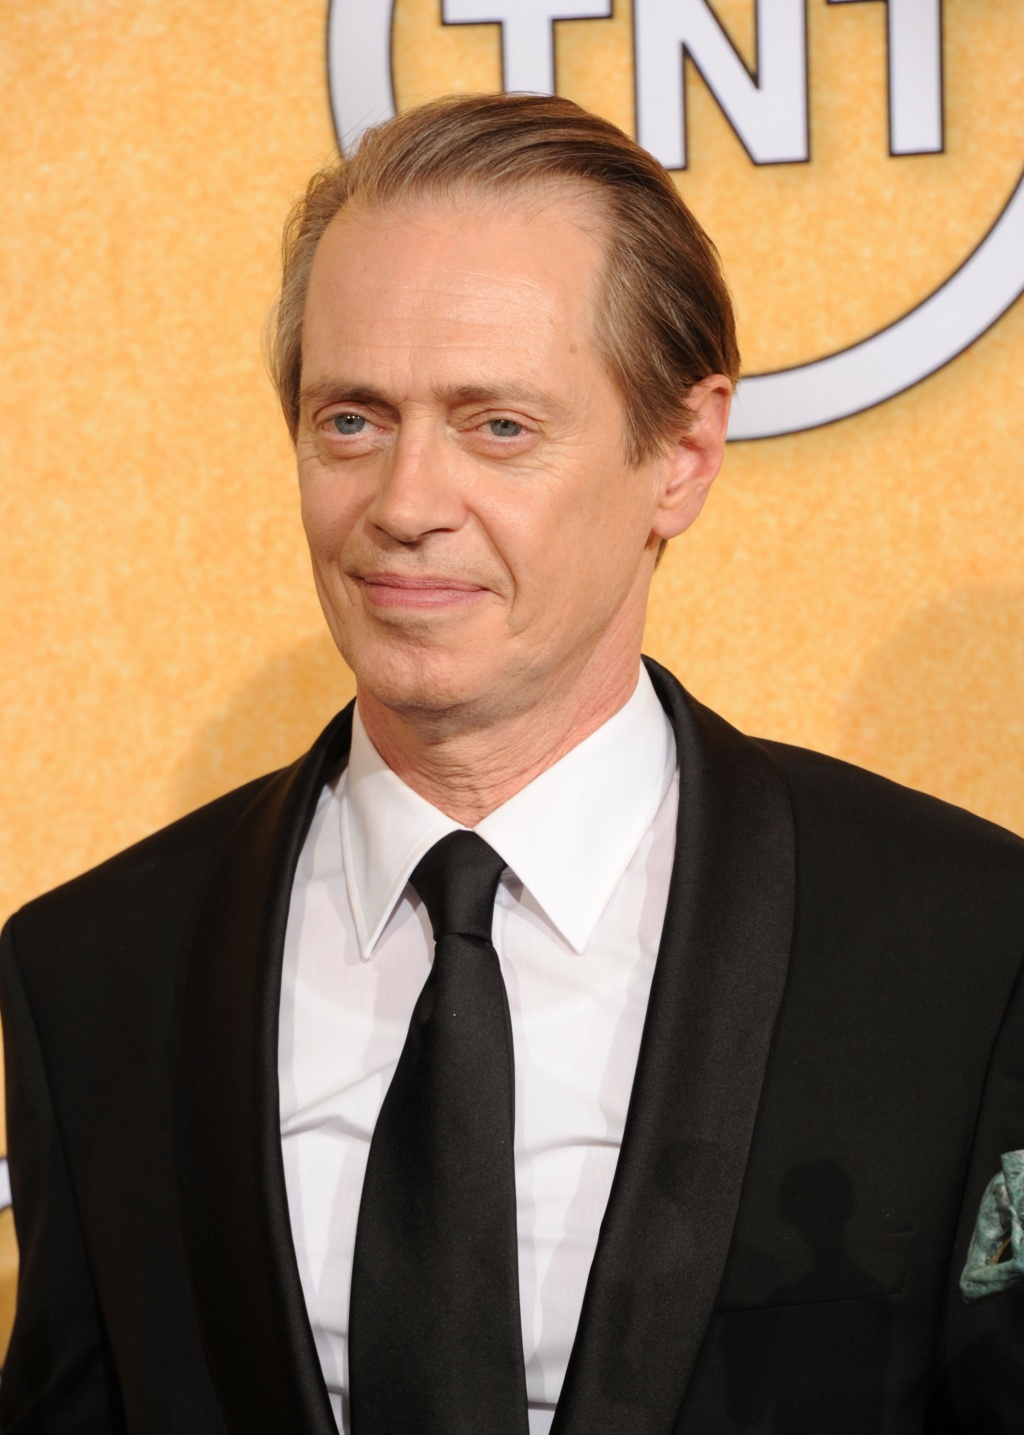 Стив Бушеми — лучший актёр телесериала за роль в «Подпольной империи», которая также была награждена за лучший актёрский состав